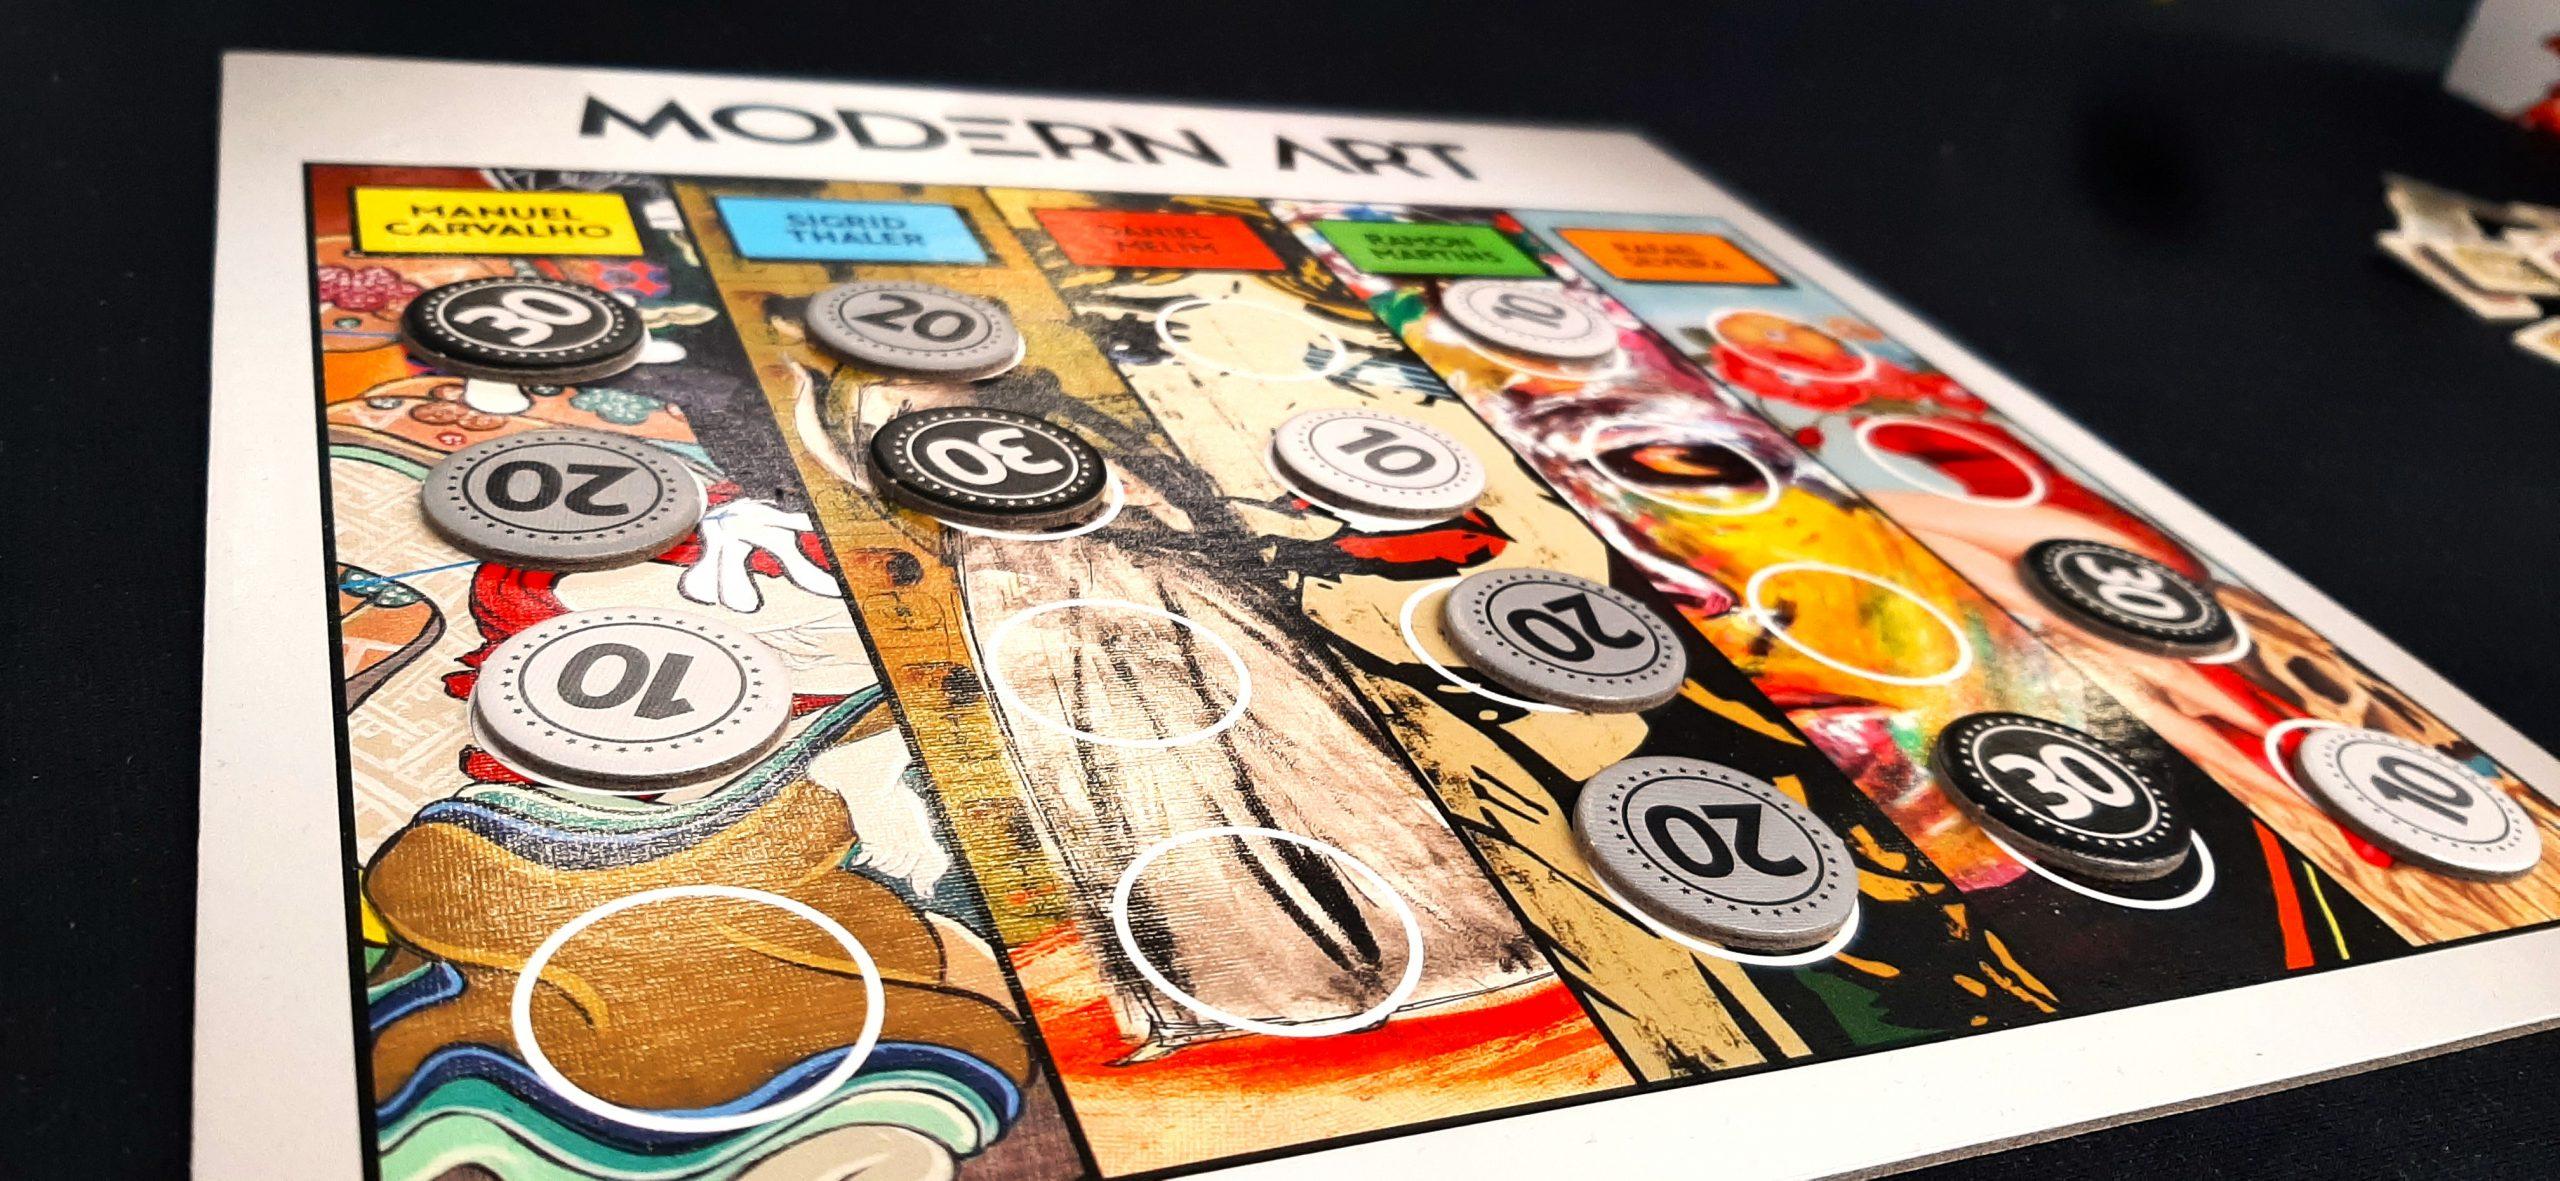 Play Modena 2021